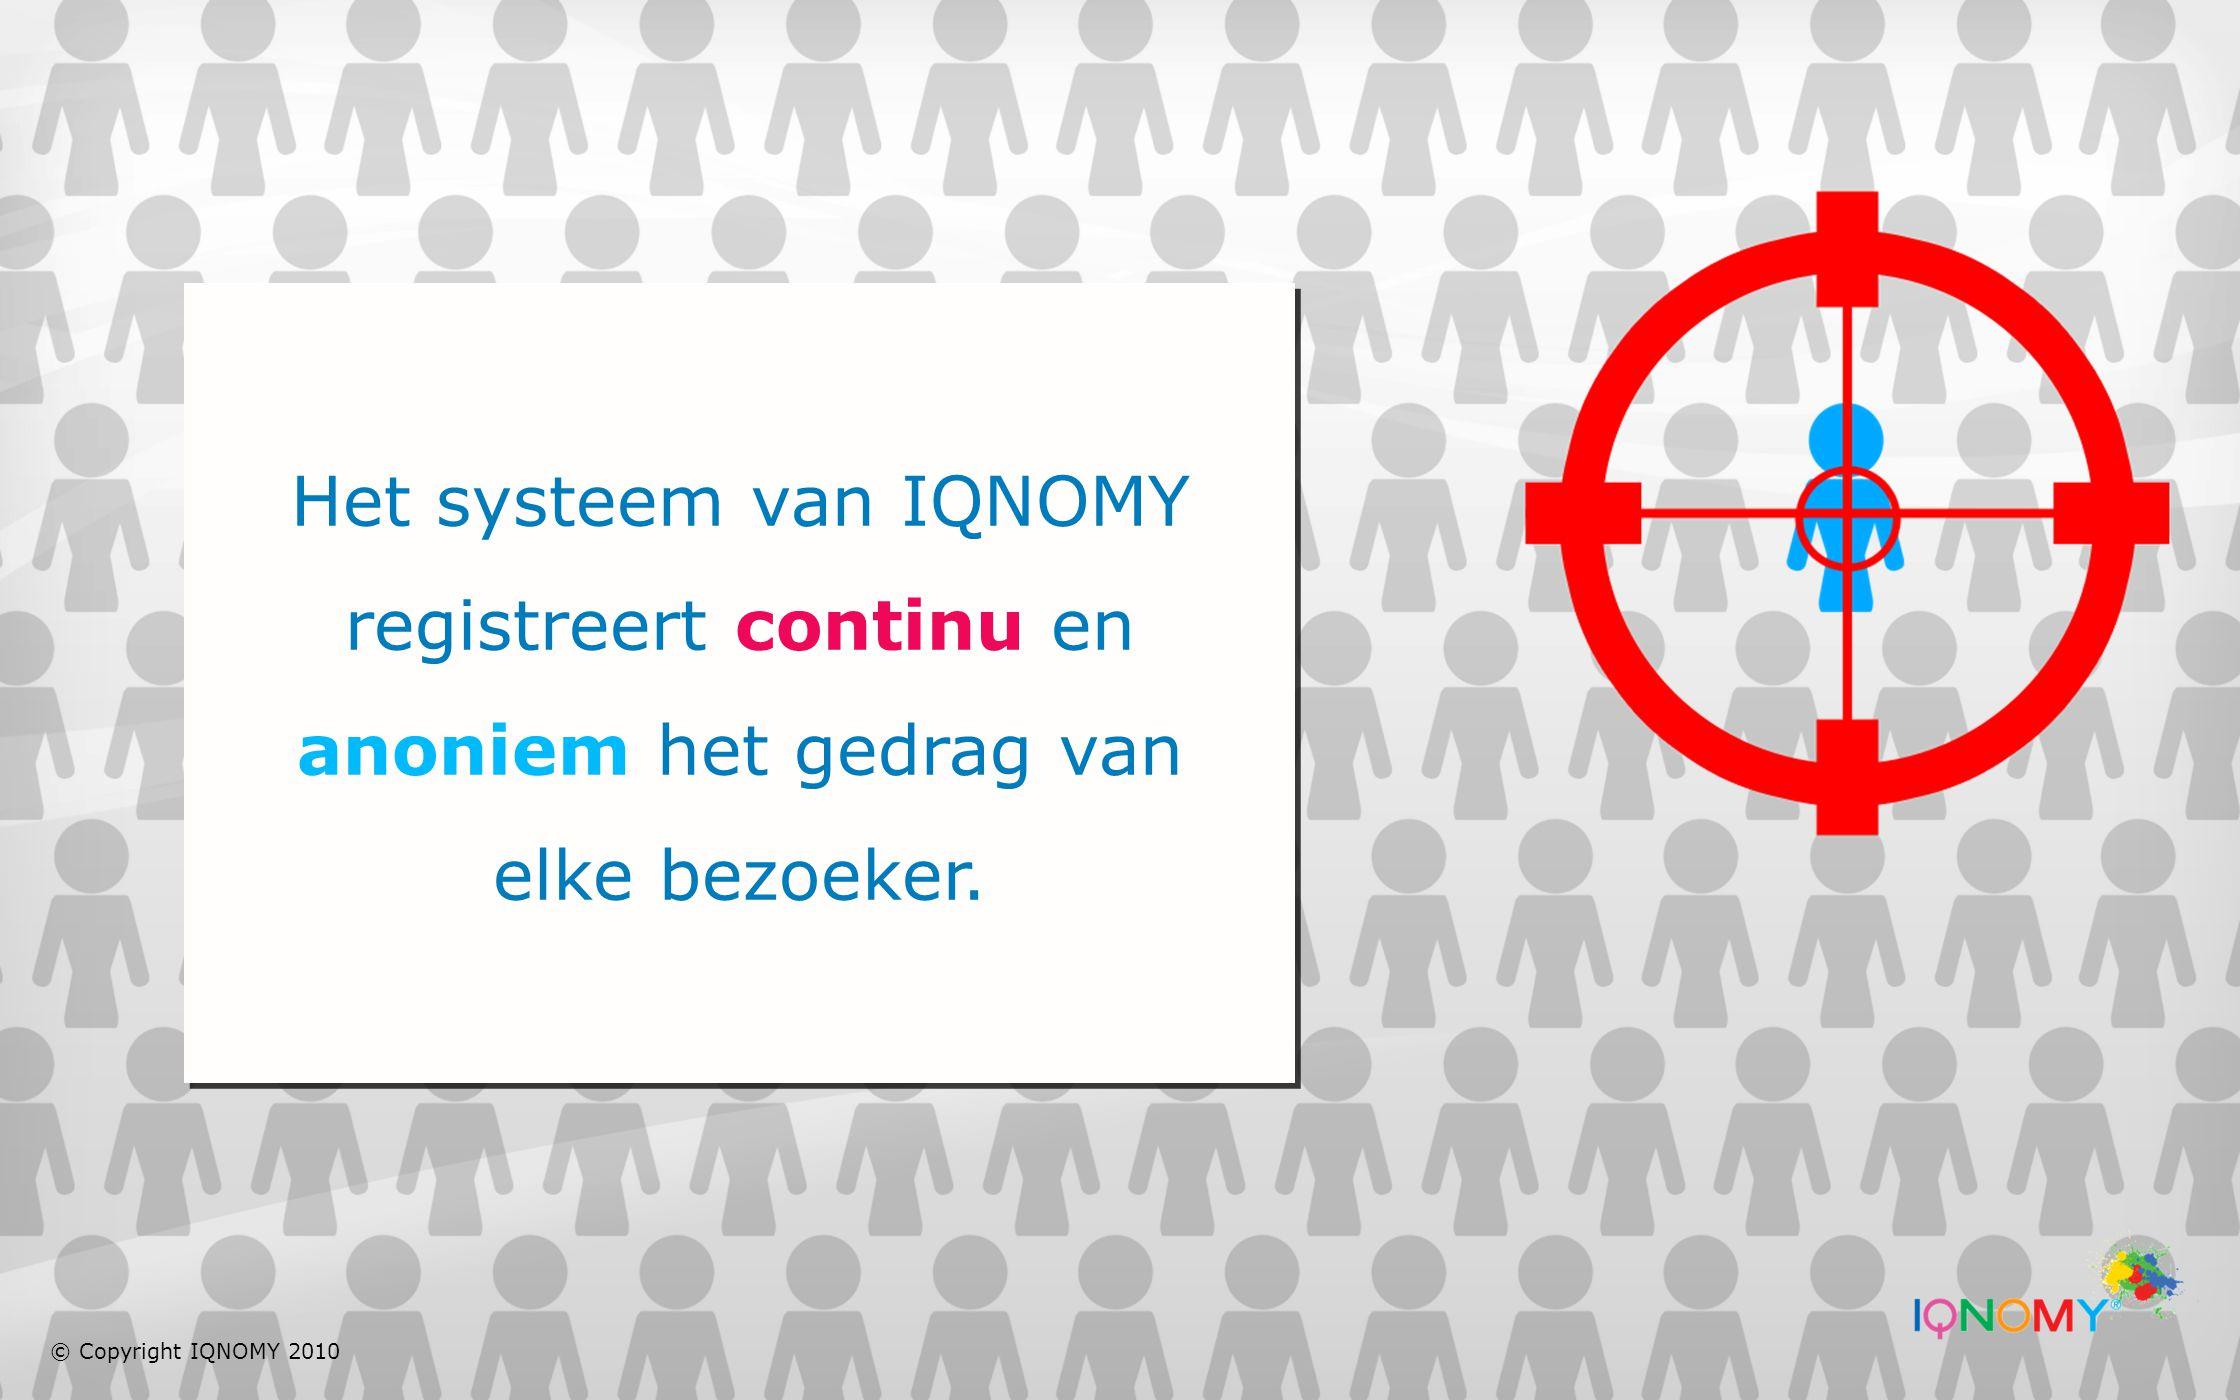 Het systeem van IQNOMY registreert continu en anoniem het gedrag van elke bezoeker.